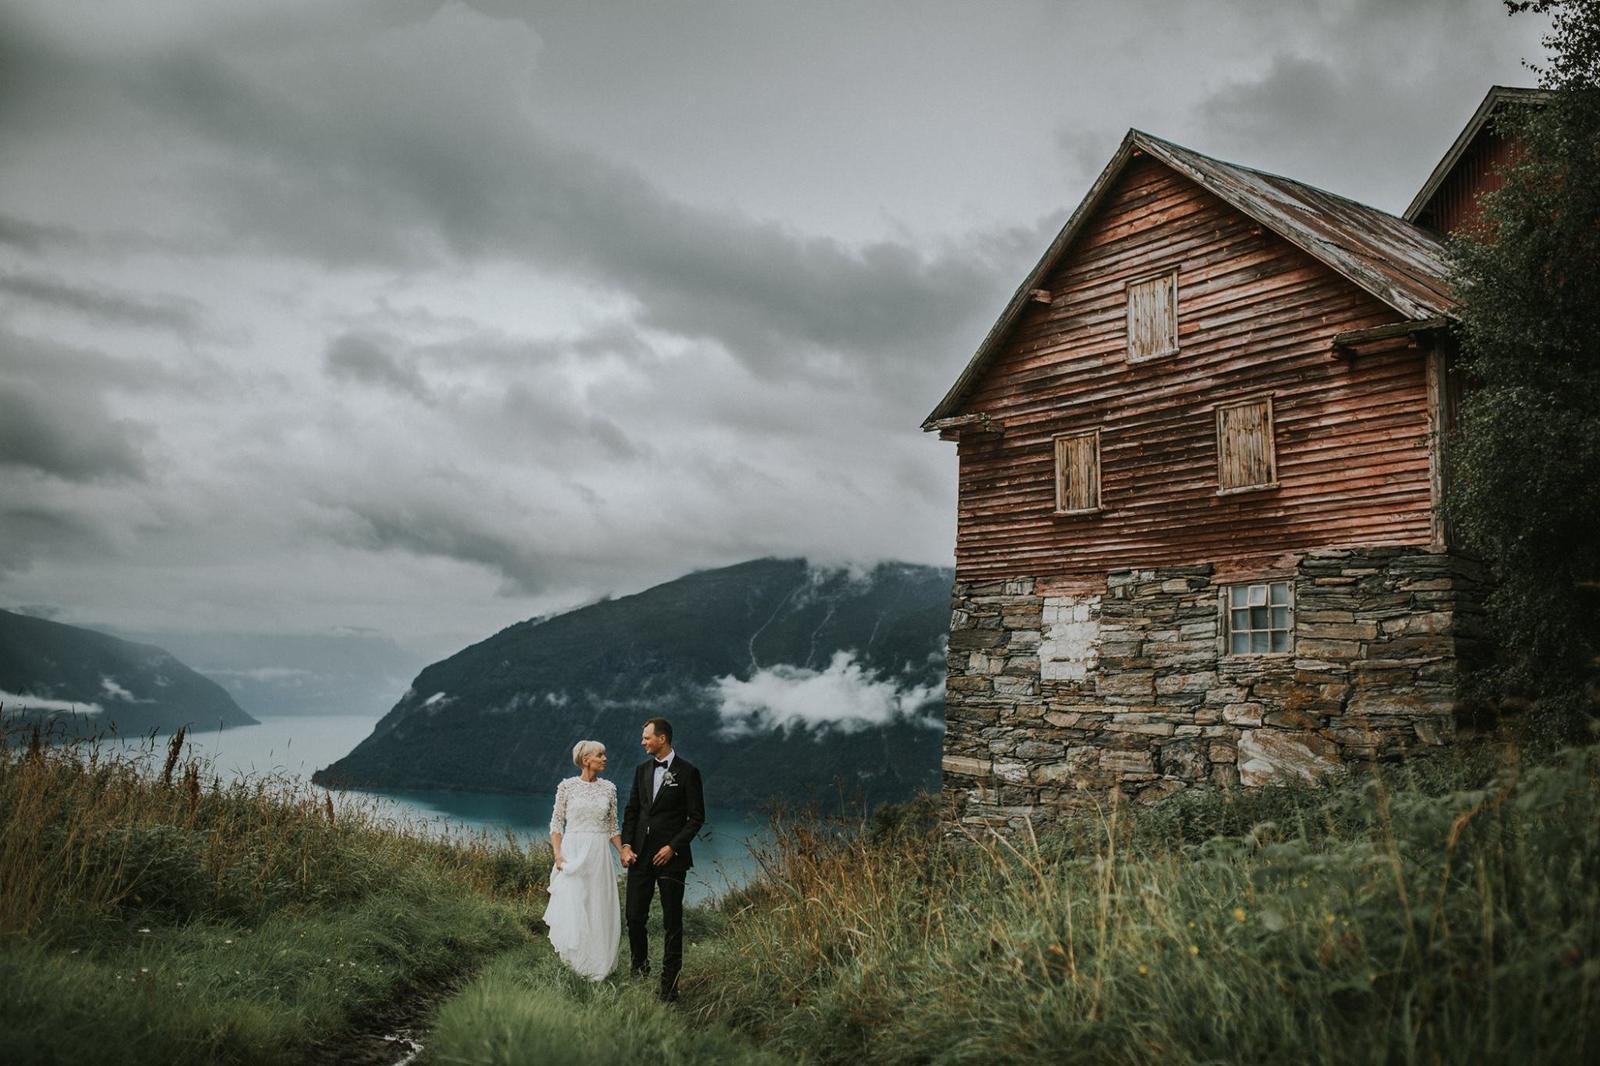 Inšpirácie na svadobné fotky - Obrázok č. 373